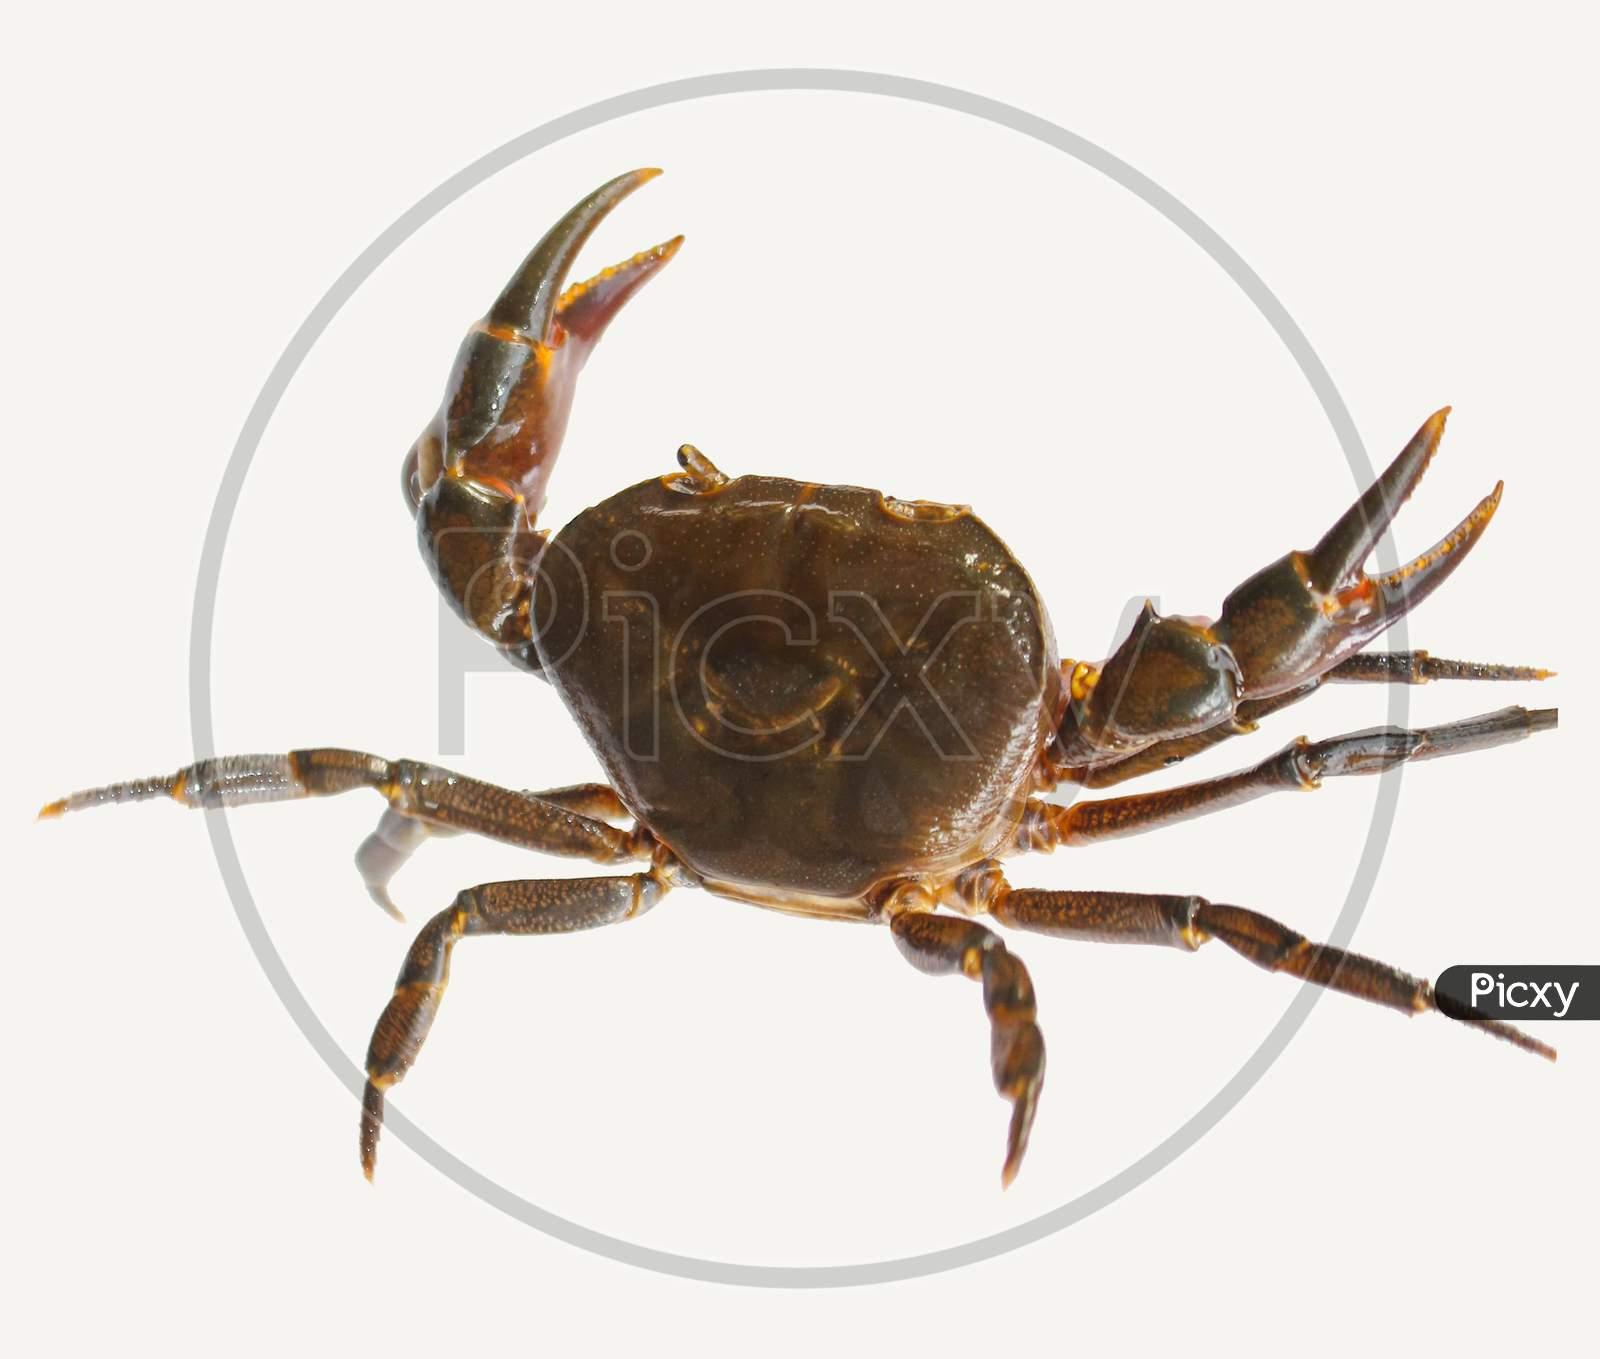 Freshwater crab isolated on white background